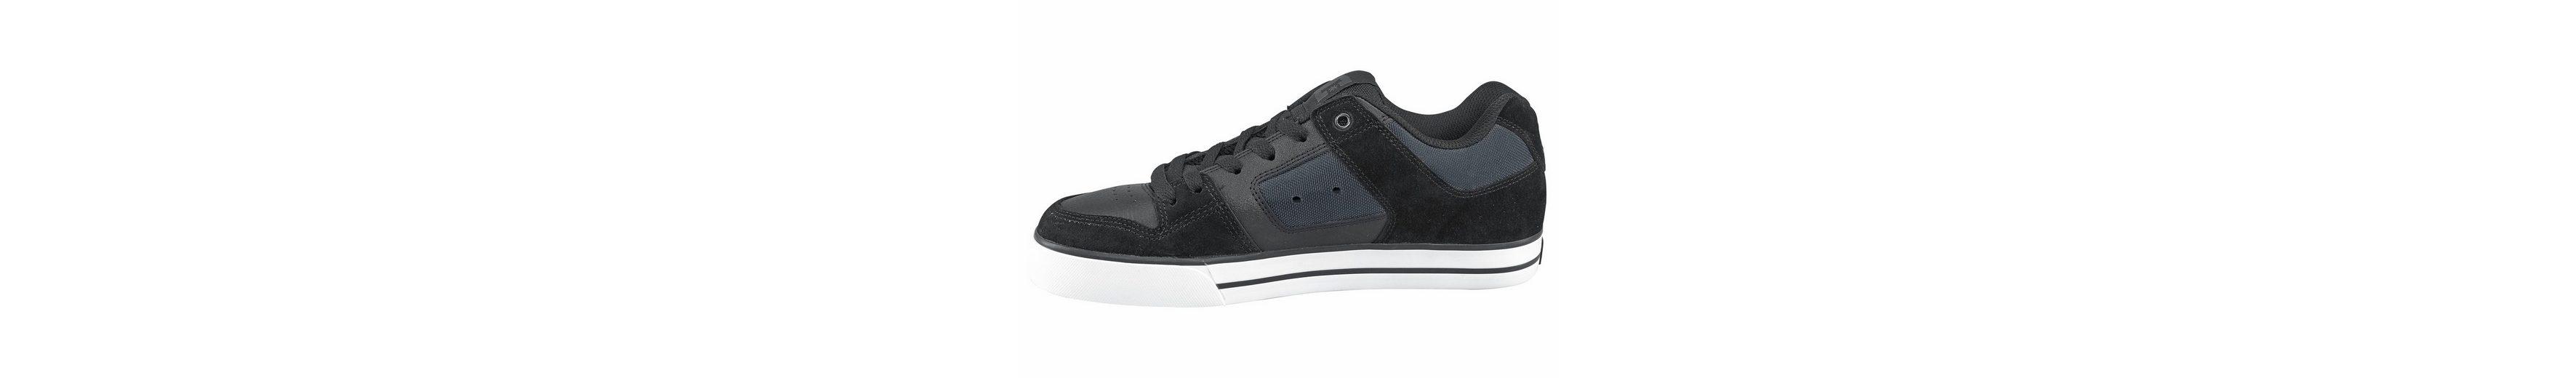 Günstig Kaufen Rabatte Rabattpreise DC Shoes Pure SE Sneaker Billig Verkaufen Niedrigsten Preis Günstige Spielraum erLIMCc4Qz